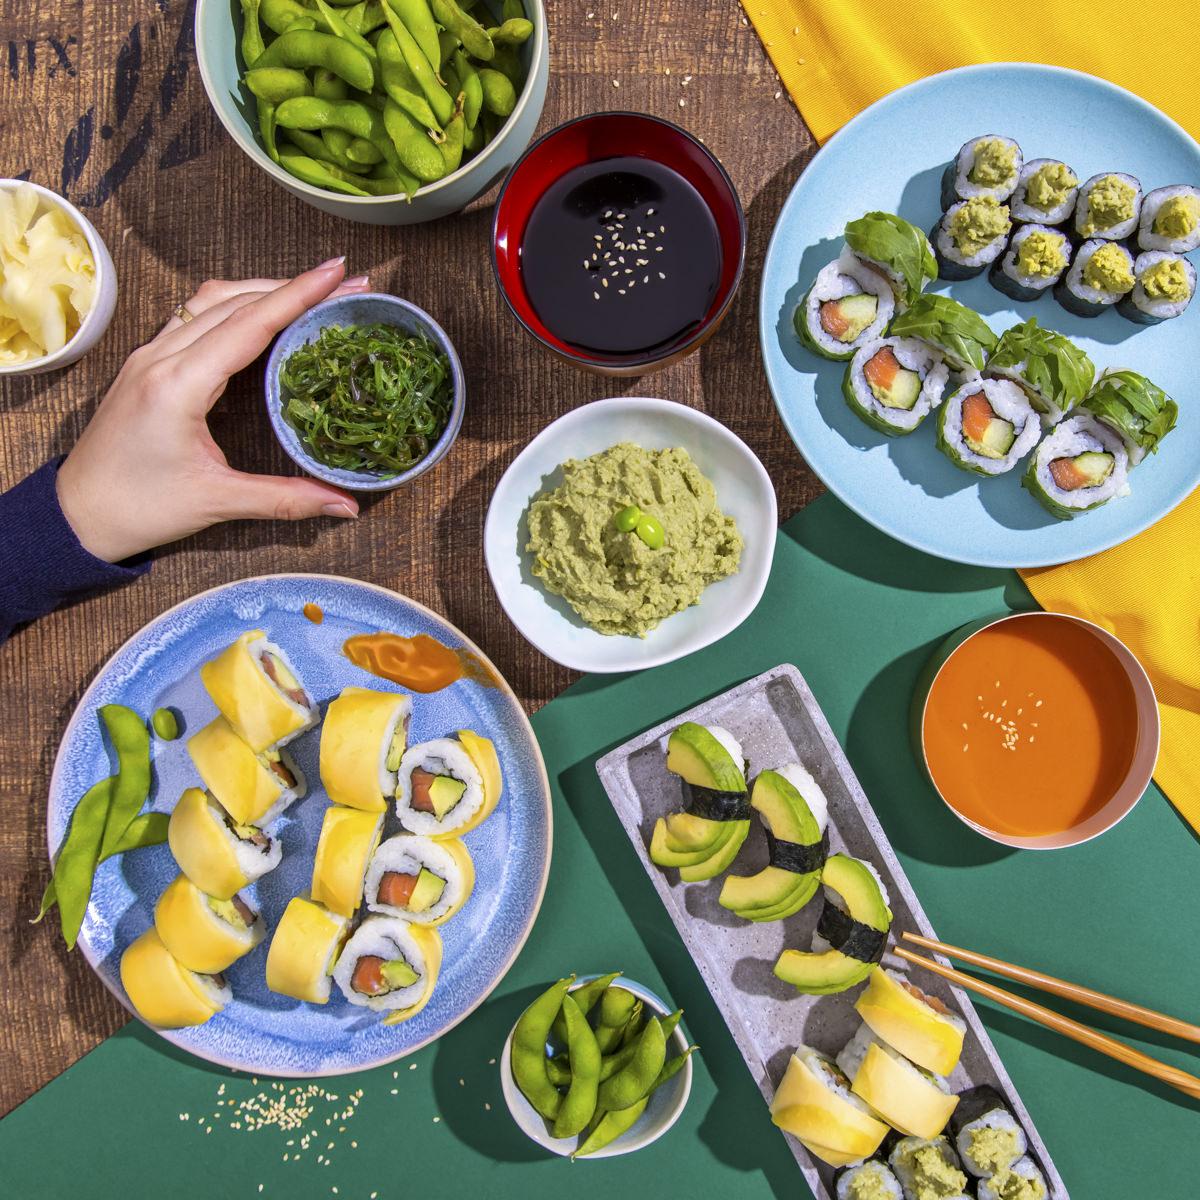 Social Media Content Fotografie: Eine Auswahl von Sushi, Saucen und Gemüse von EatHappy | Foto: Hanna Witte